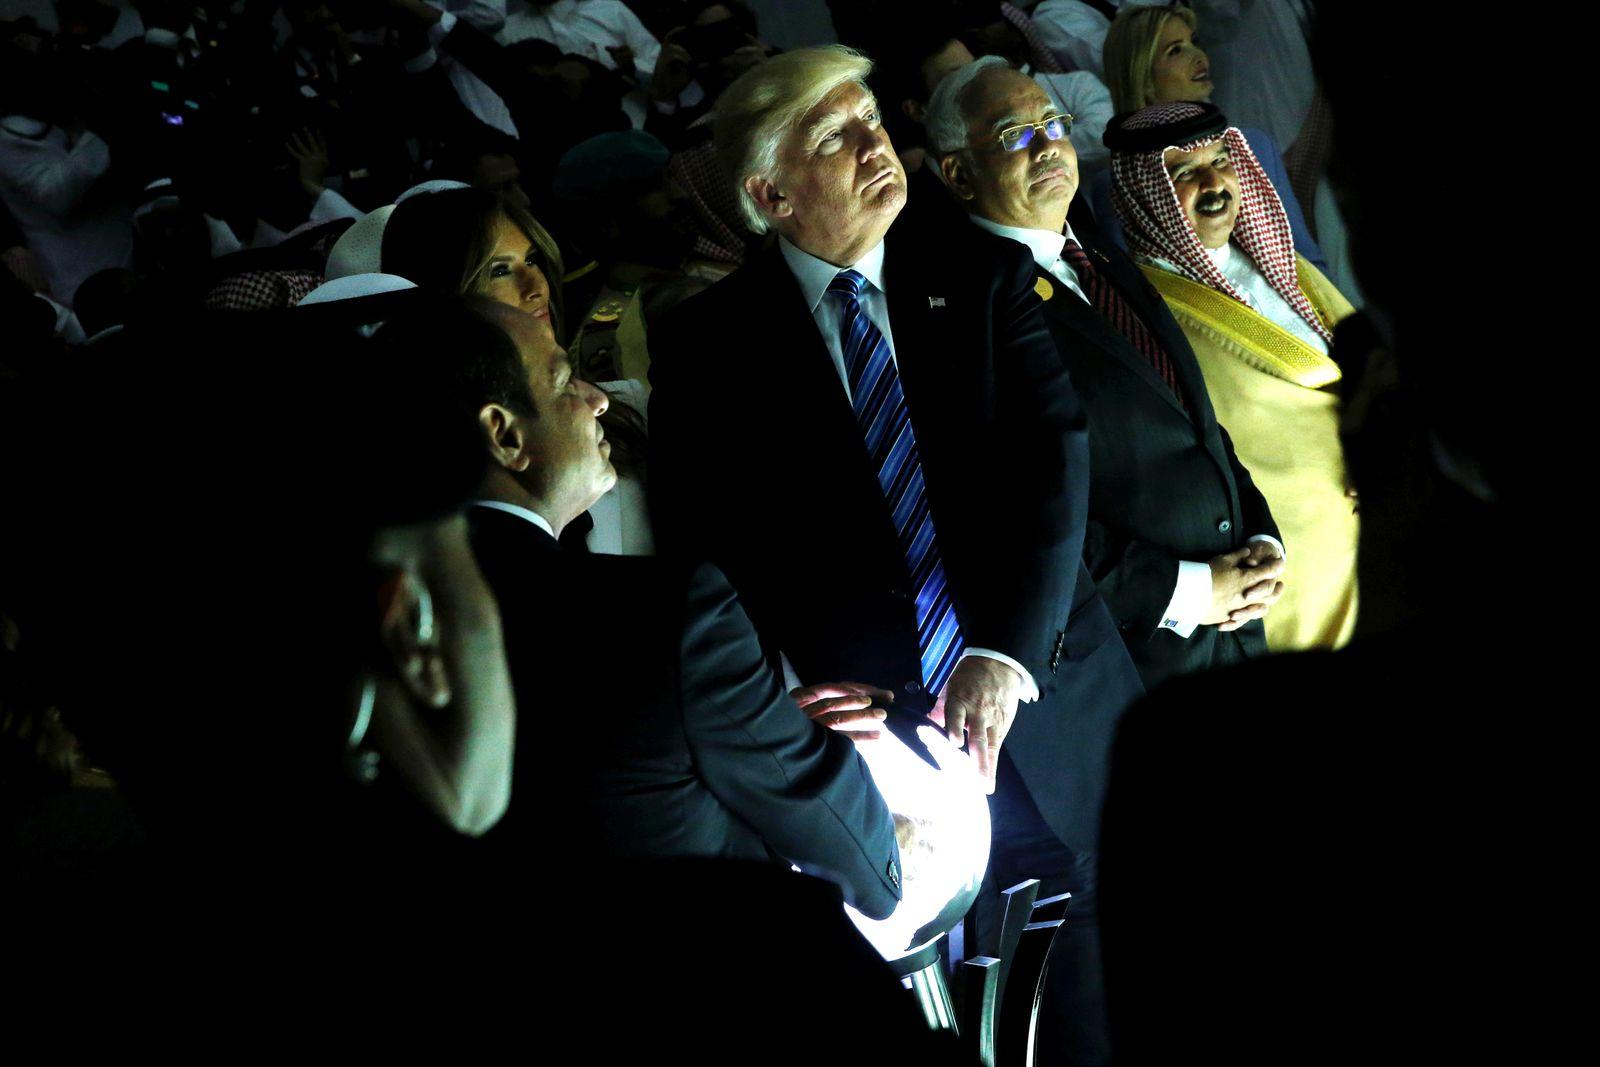 Stöcker Kolumne / Trump